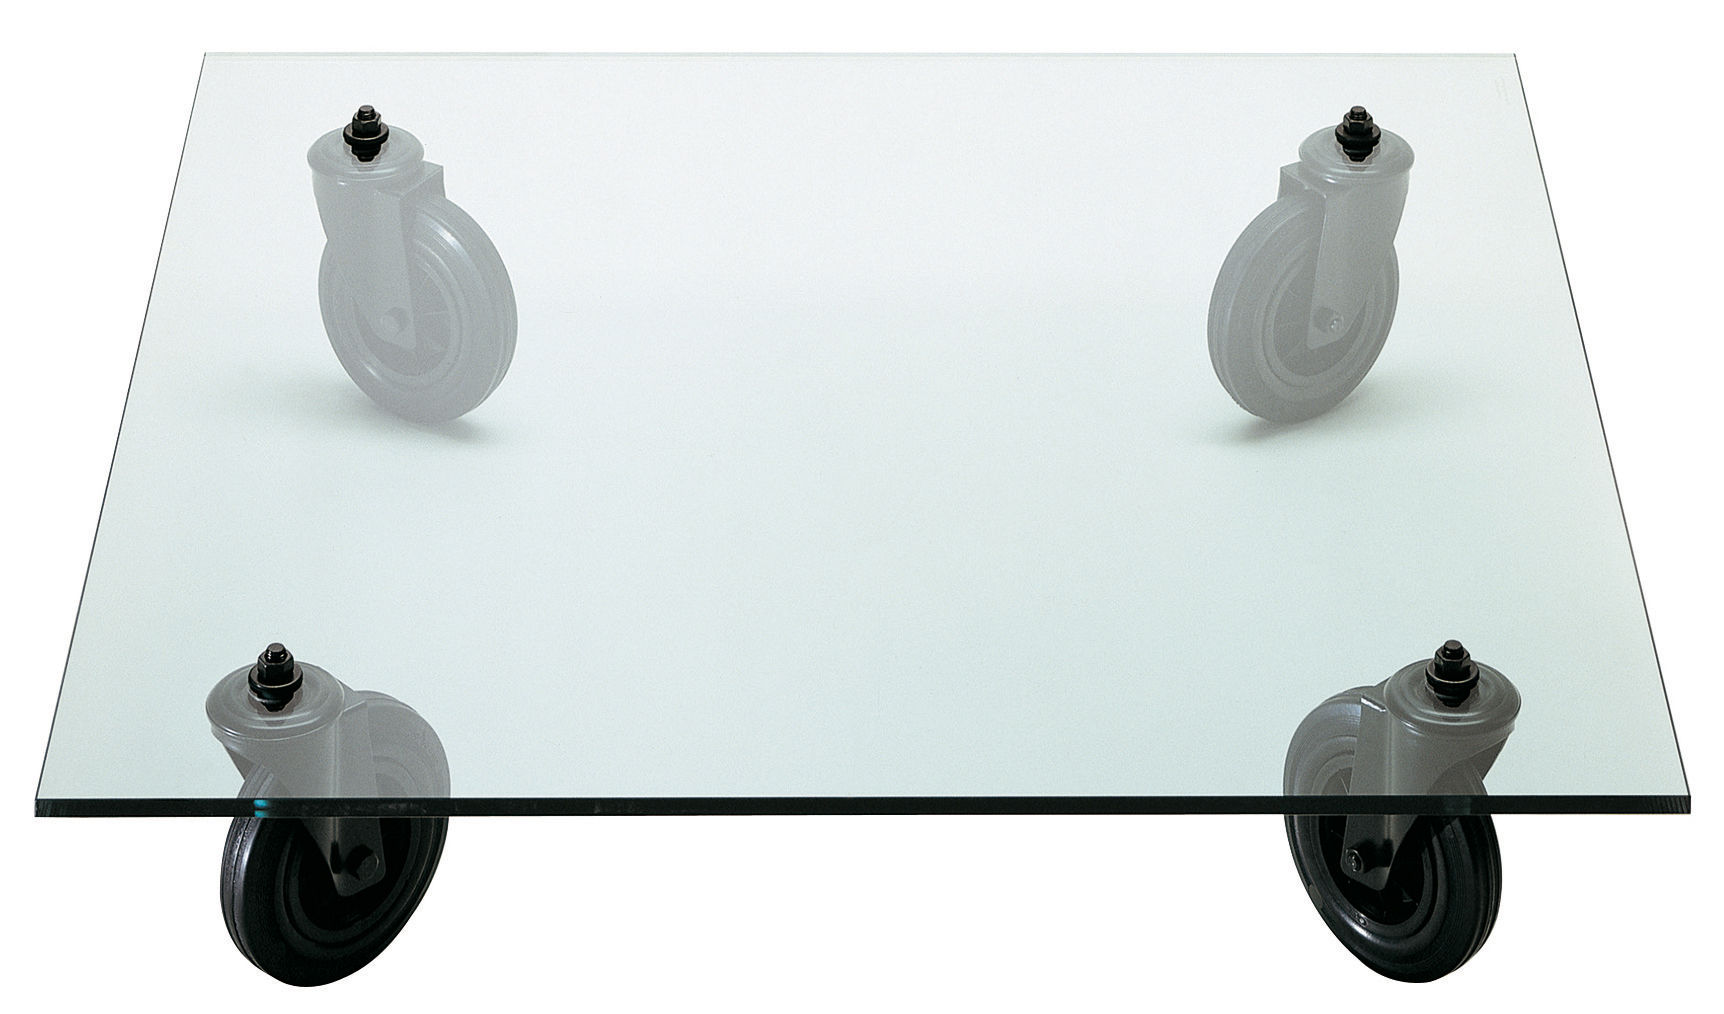 Mobilier - Tables basses - Table basse Gae Aulenti - Fontana Arte - 100 x 100 cm - Caoutchouc, Métal verni, Verre